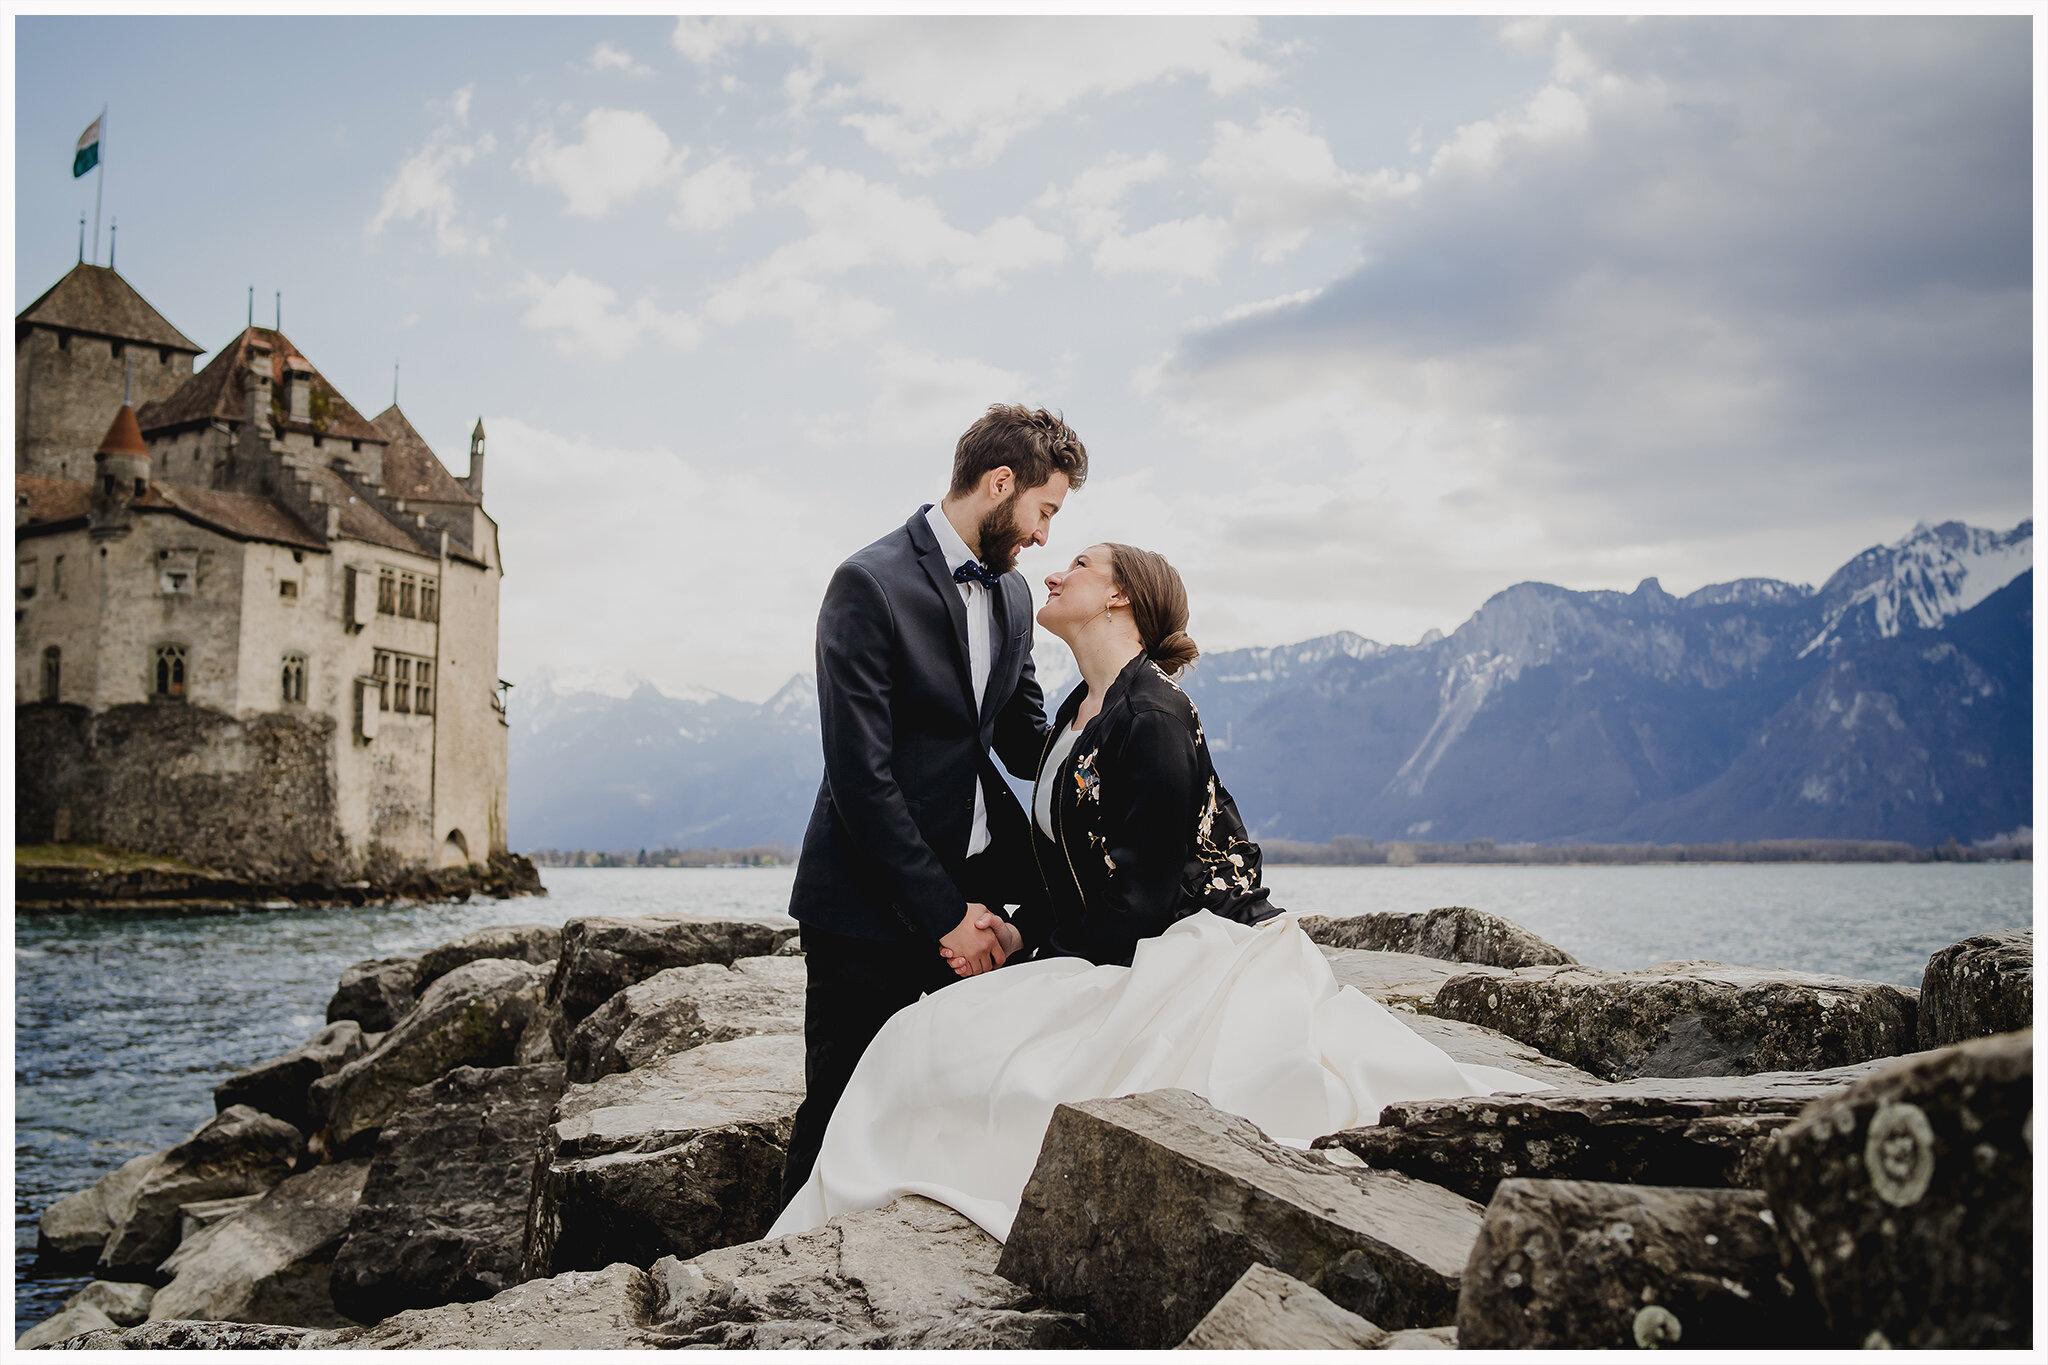 dreamsaanddreamers.com-fotograf-nunta-romania-14.jpg